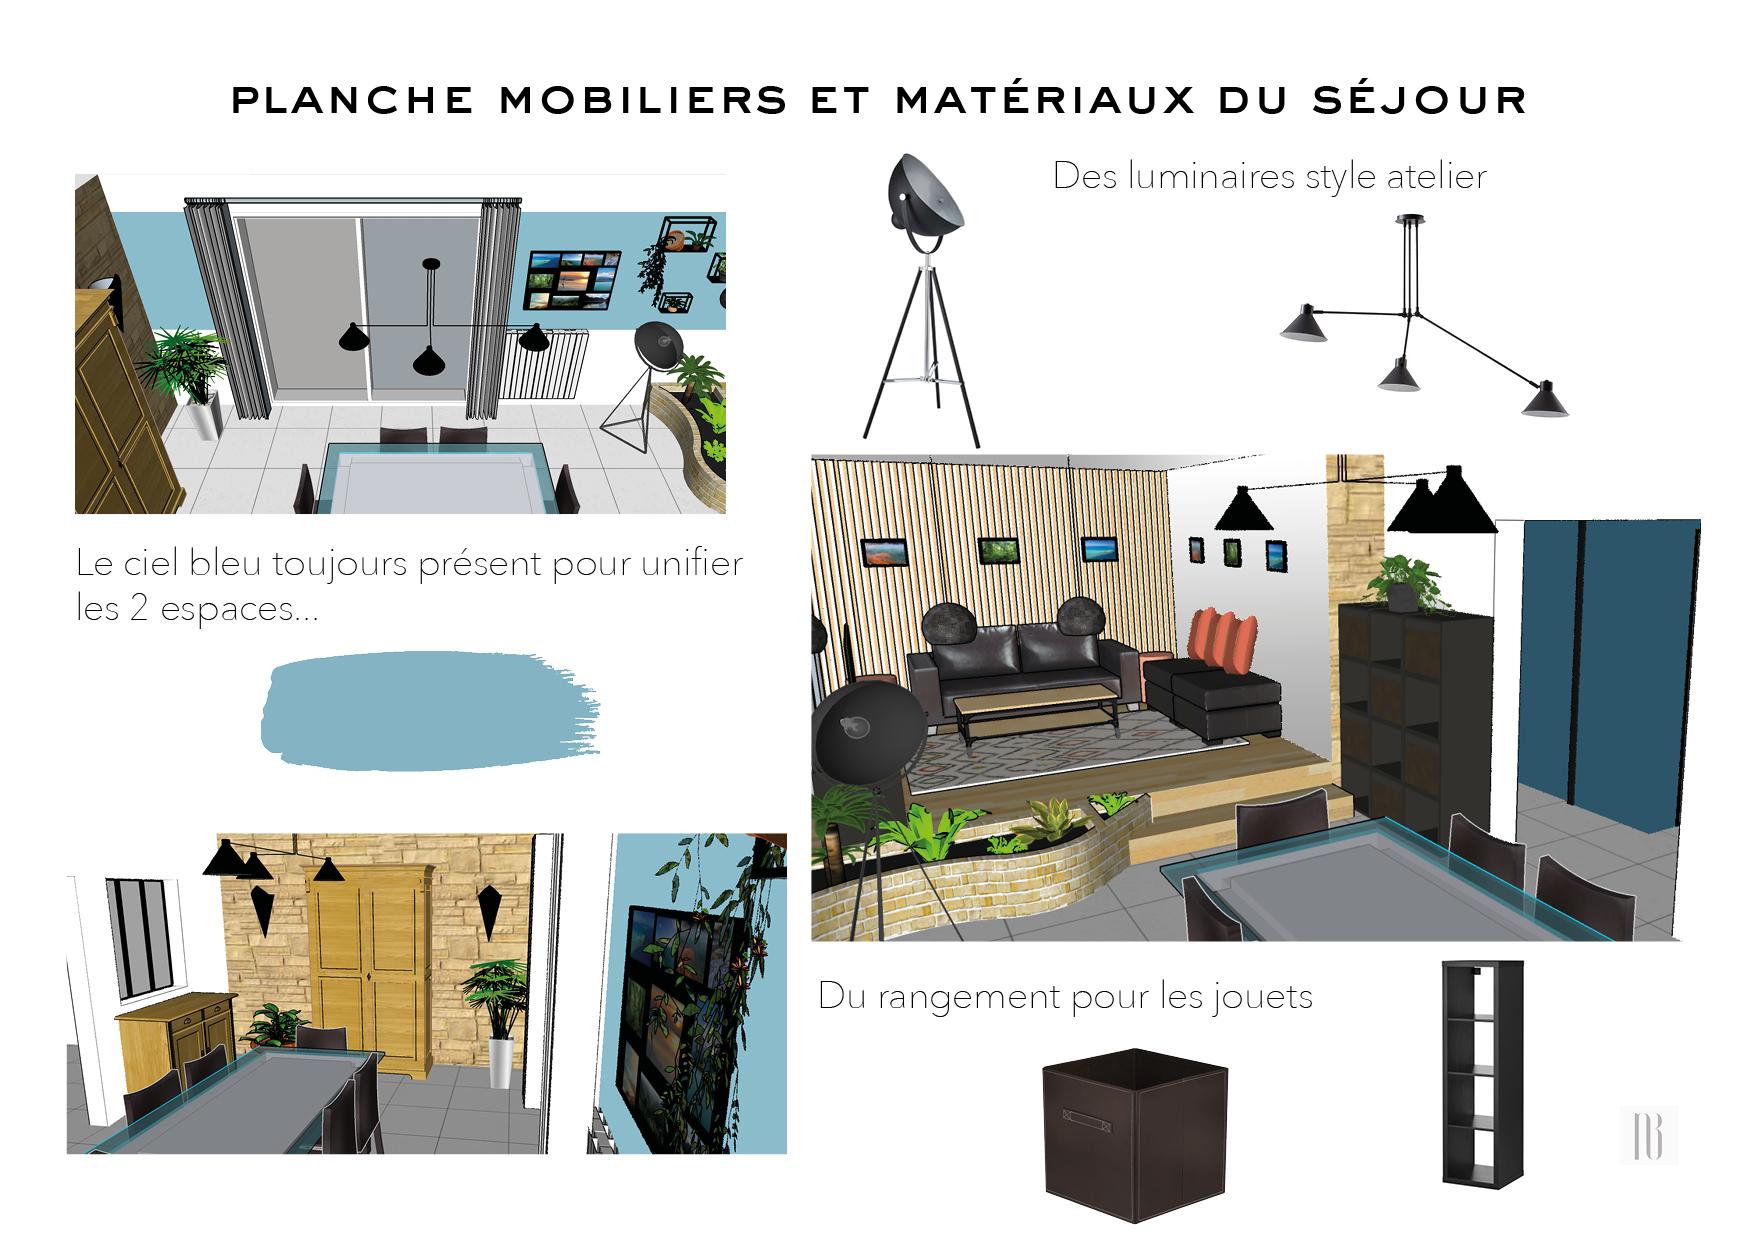 Nathalie Bossard décoration architecture intérieur Rennes 35 UFDI-390 Book déco maison individuelle Vern sur Seiche Ille et Vilaine planche mobiliers et matériaux séjour